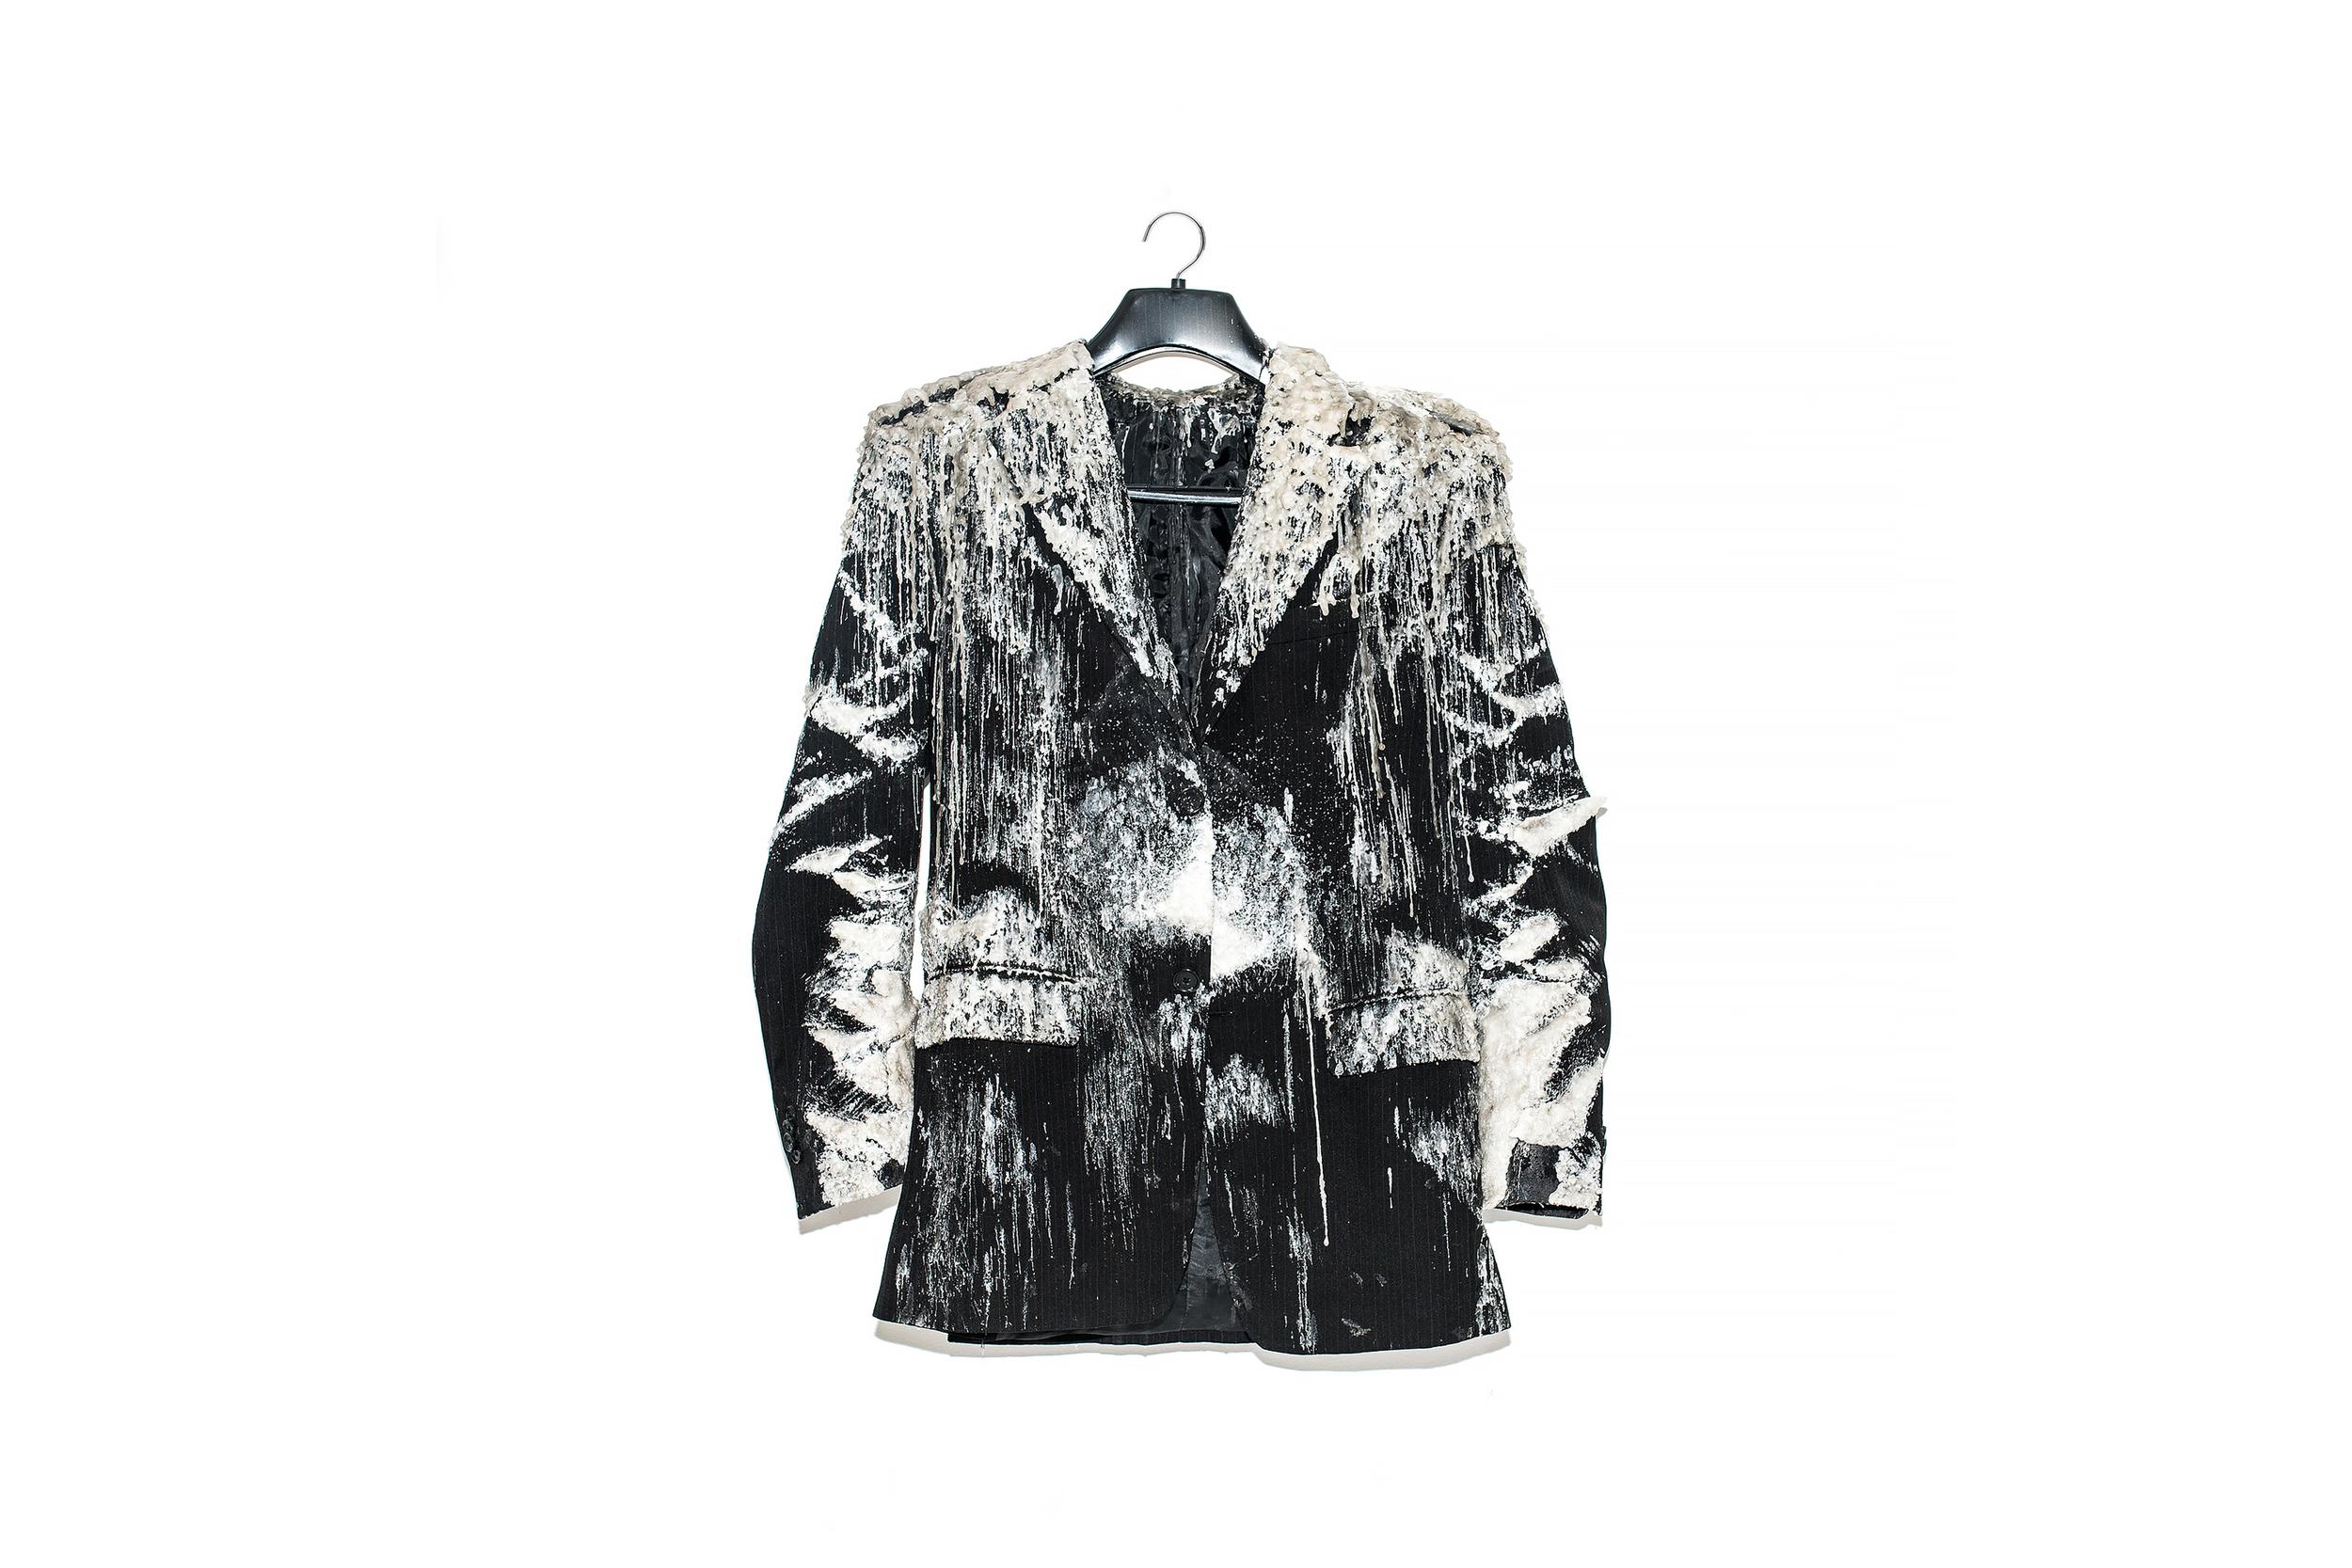 TerraComunal_Clothes-8.jpg